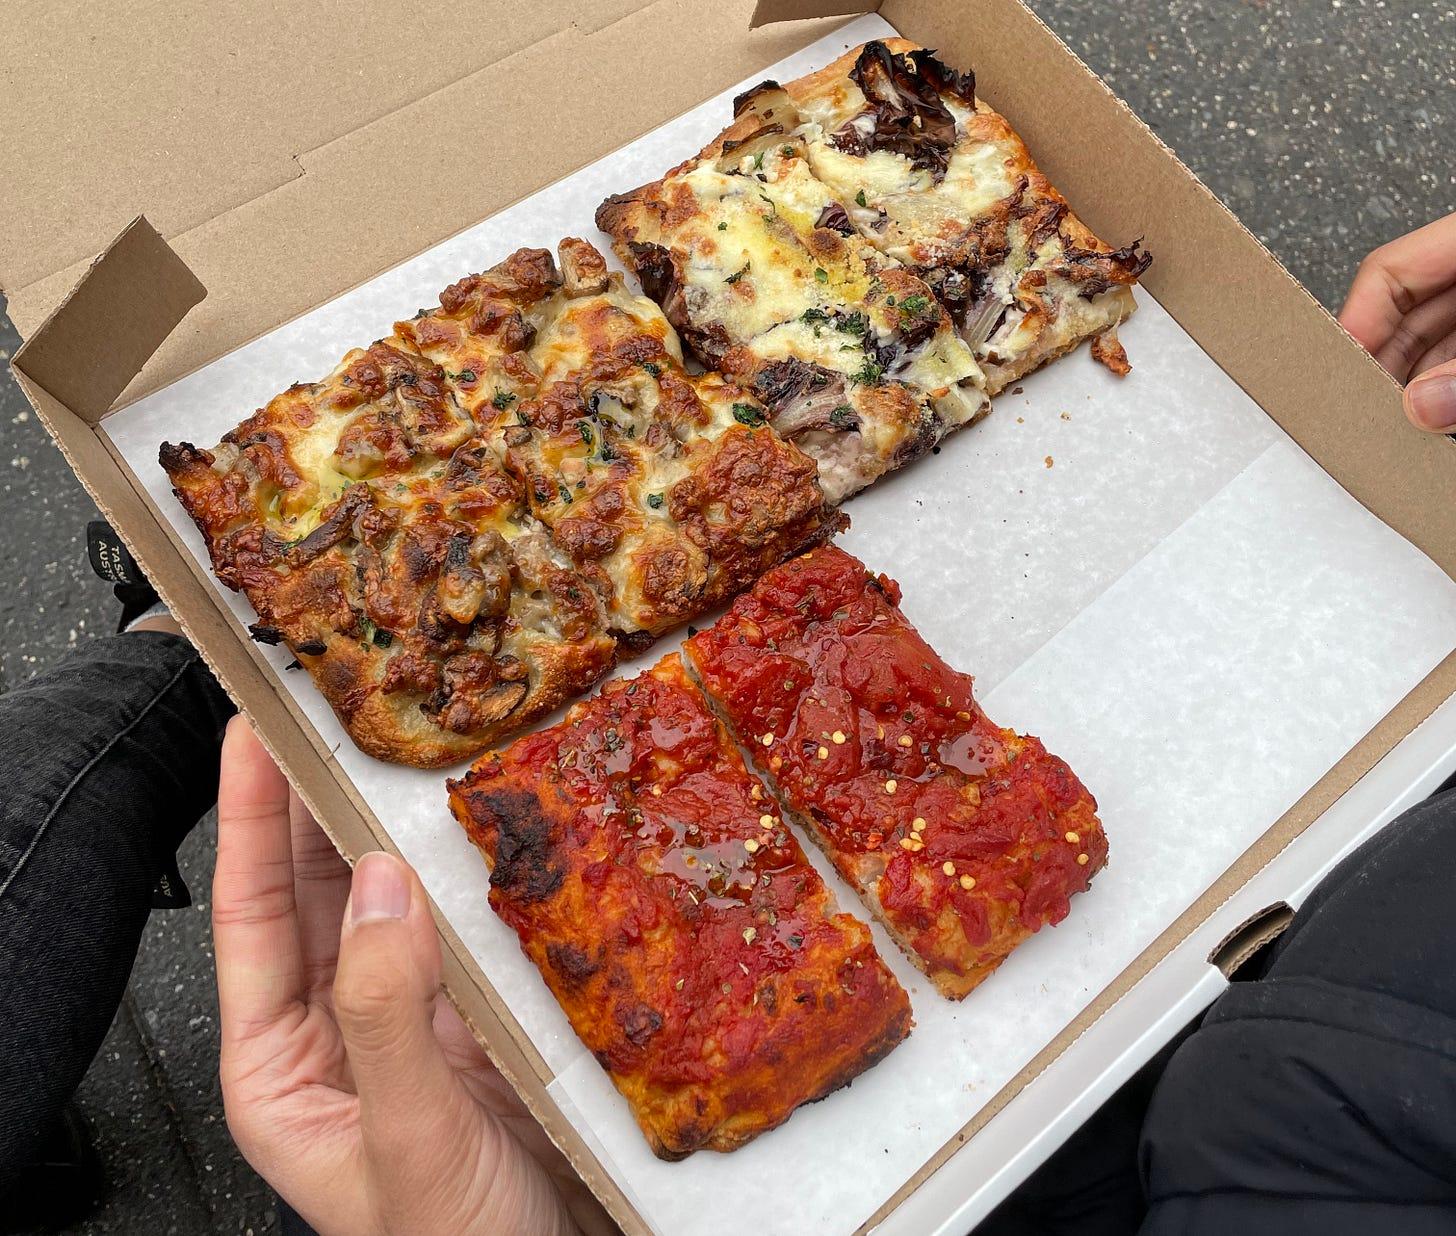 Impasto pizza al taglio